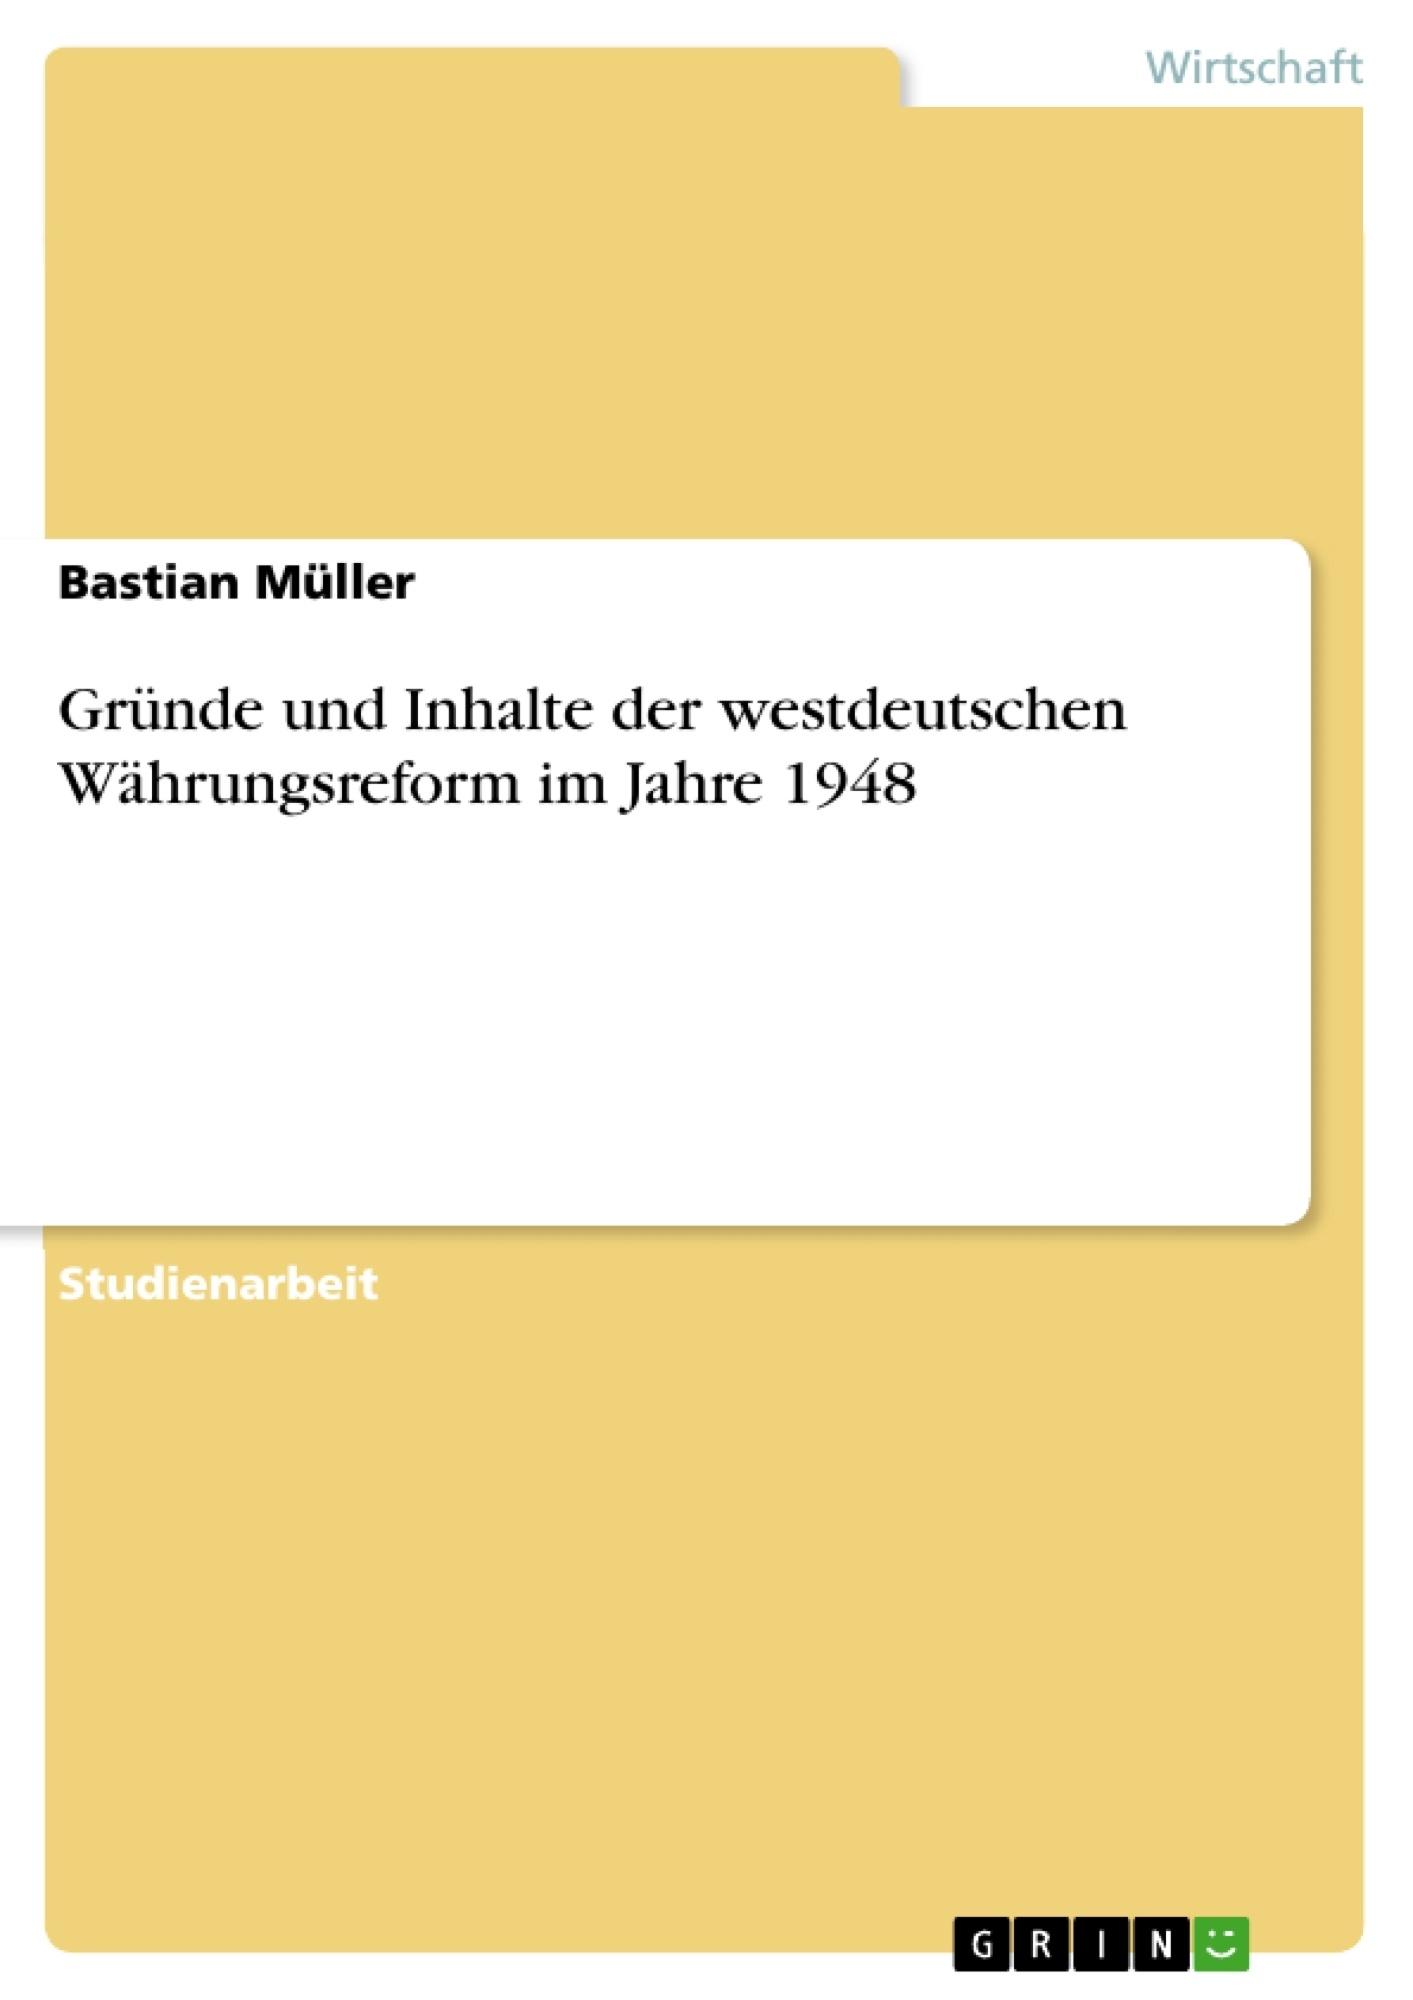 Titel: Gründe und Inhalte der westdeutschen Währungsreform im Jahre 1948